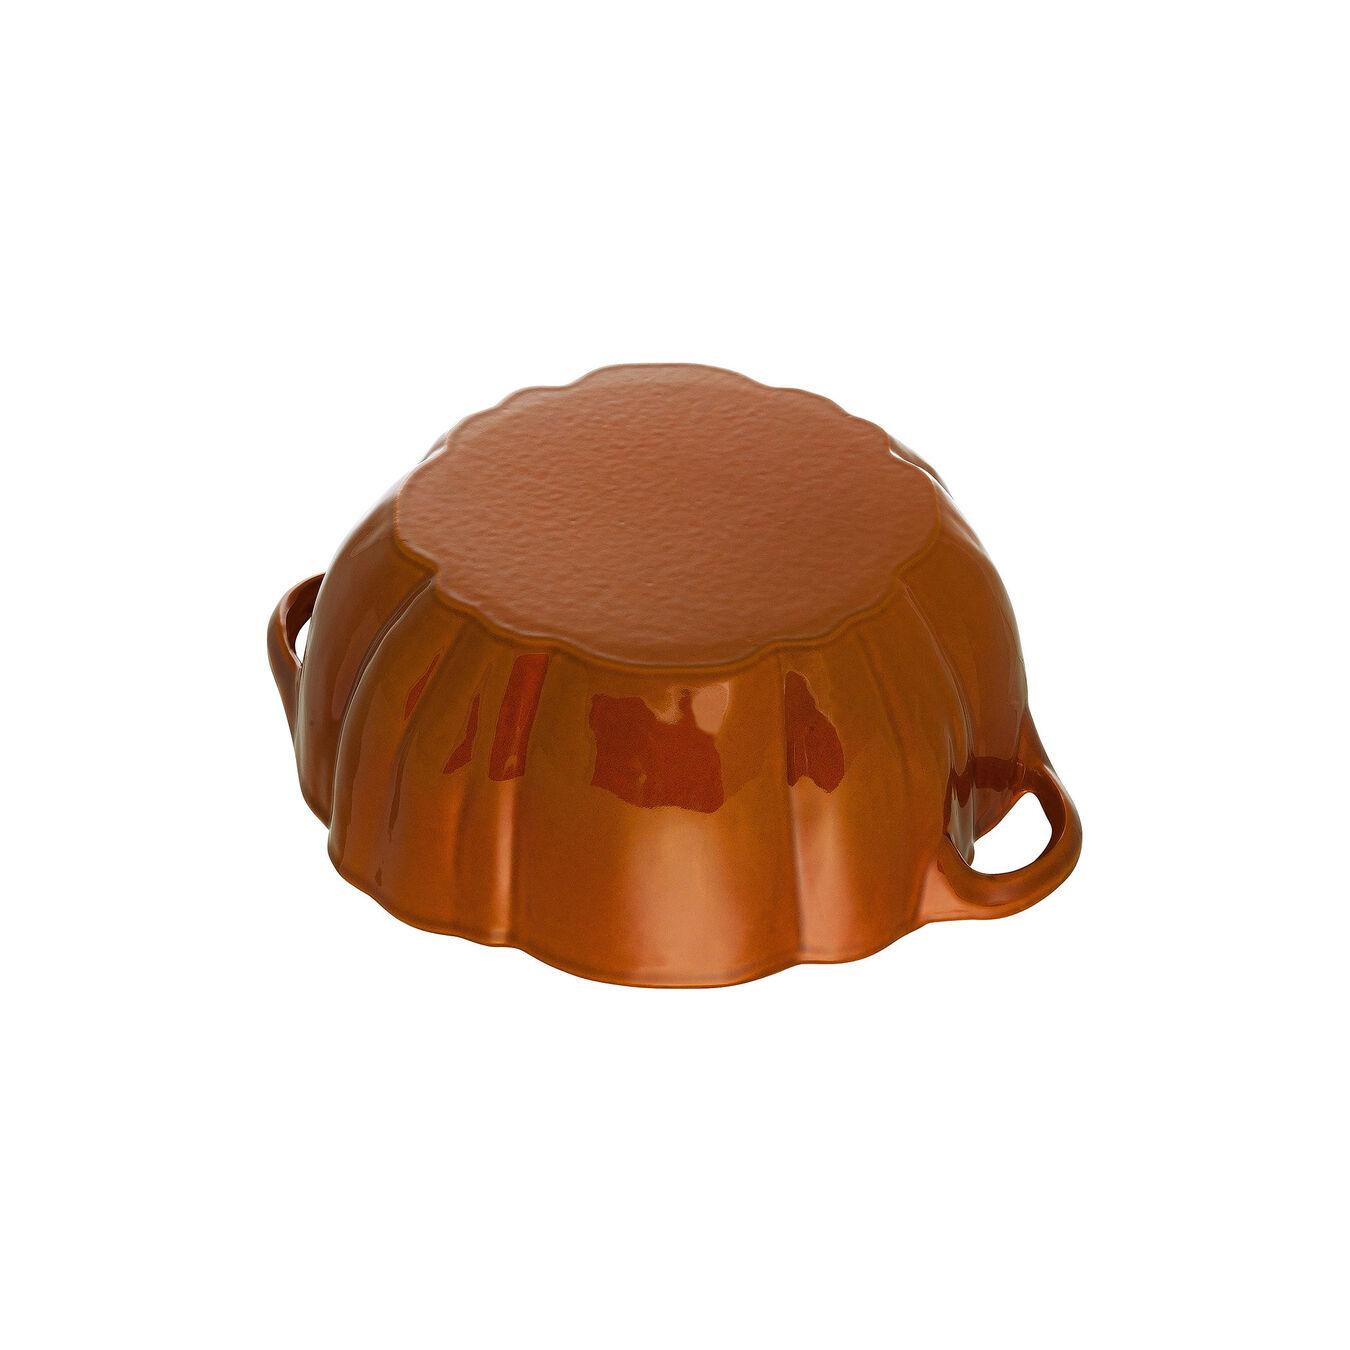 3.5-qt Pumpkin Cocotte - Visual Imperfections - Burnt Orange,,large 5